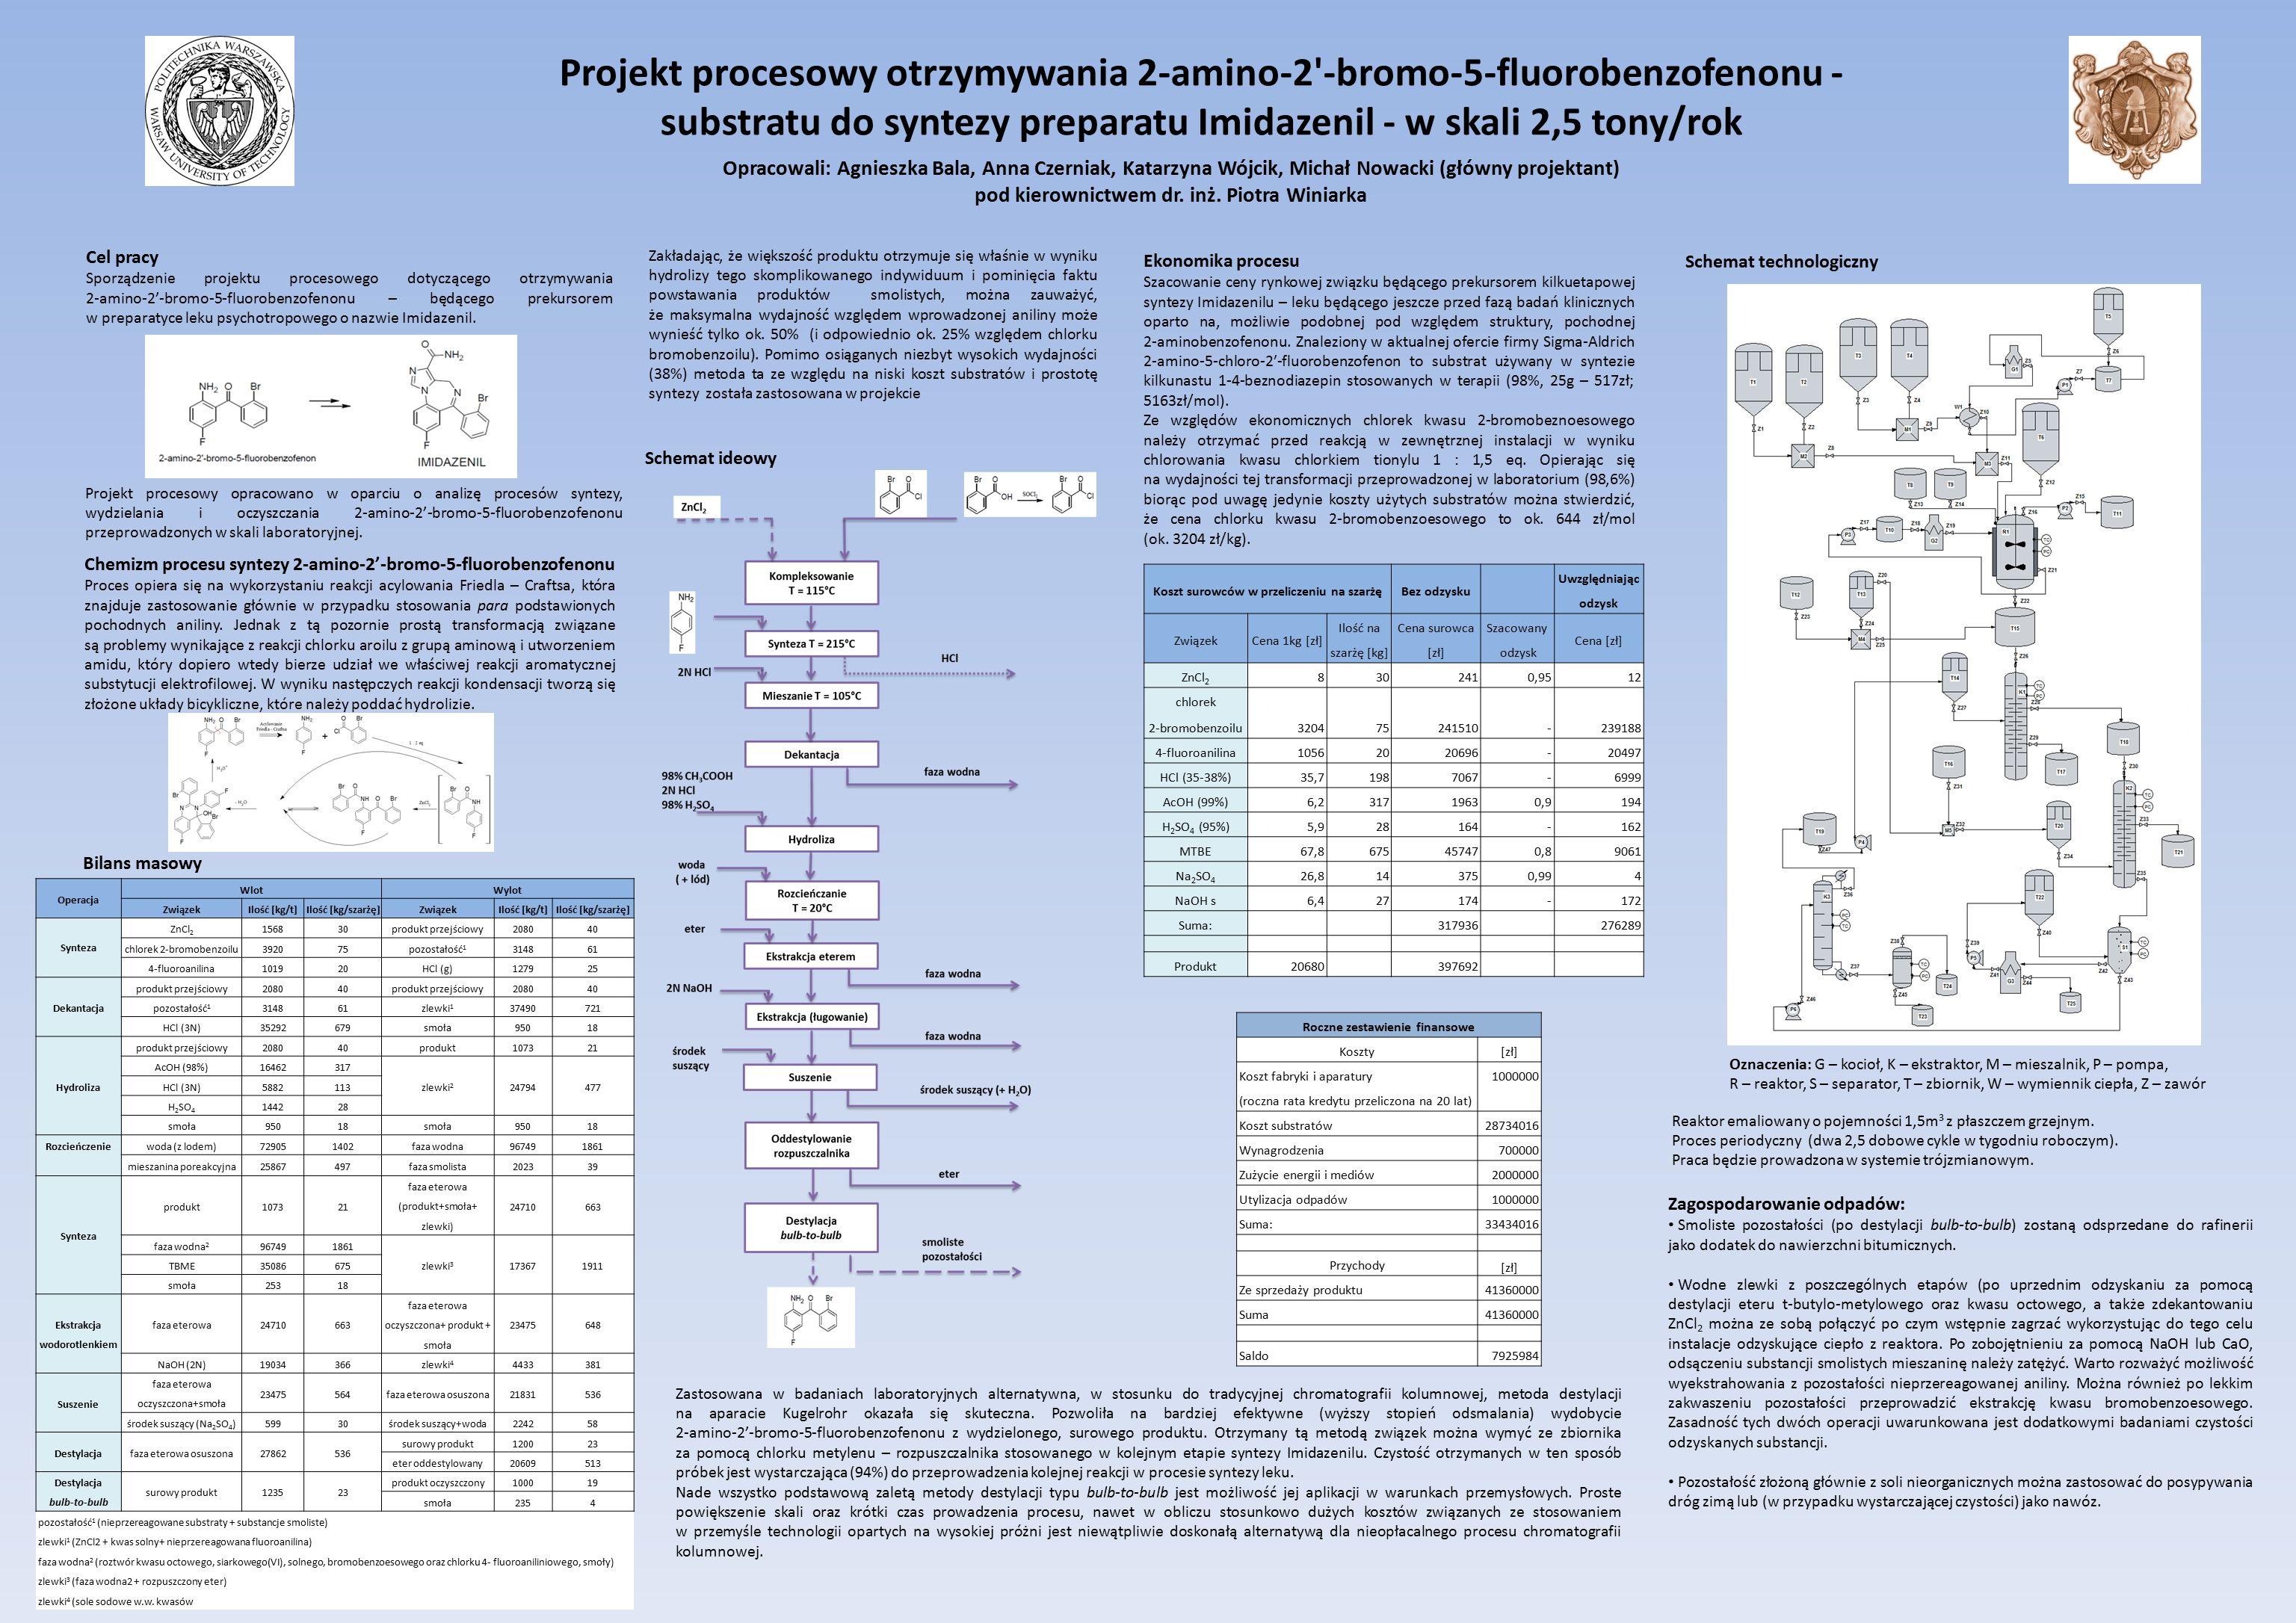 Projekt procesowy otrzymywania 2-amino-2 -bromo-5-fluorobenzofenonu - substratu do syntezy preparatu Imidazenil - w skali 2,5 tony/rok Cel pracy Sporządzenie projektu procesowego dotyczącego otrzymywania 2-amino-2'-bromo-5-fluorobenzofenonu – będącego prekursorem w preparatyce leku psychotropowego o nazwie Imidazenil.